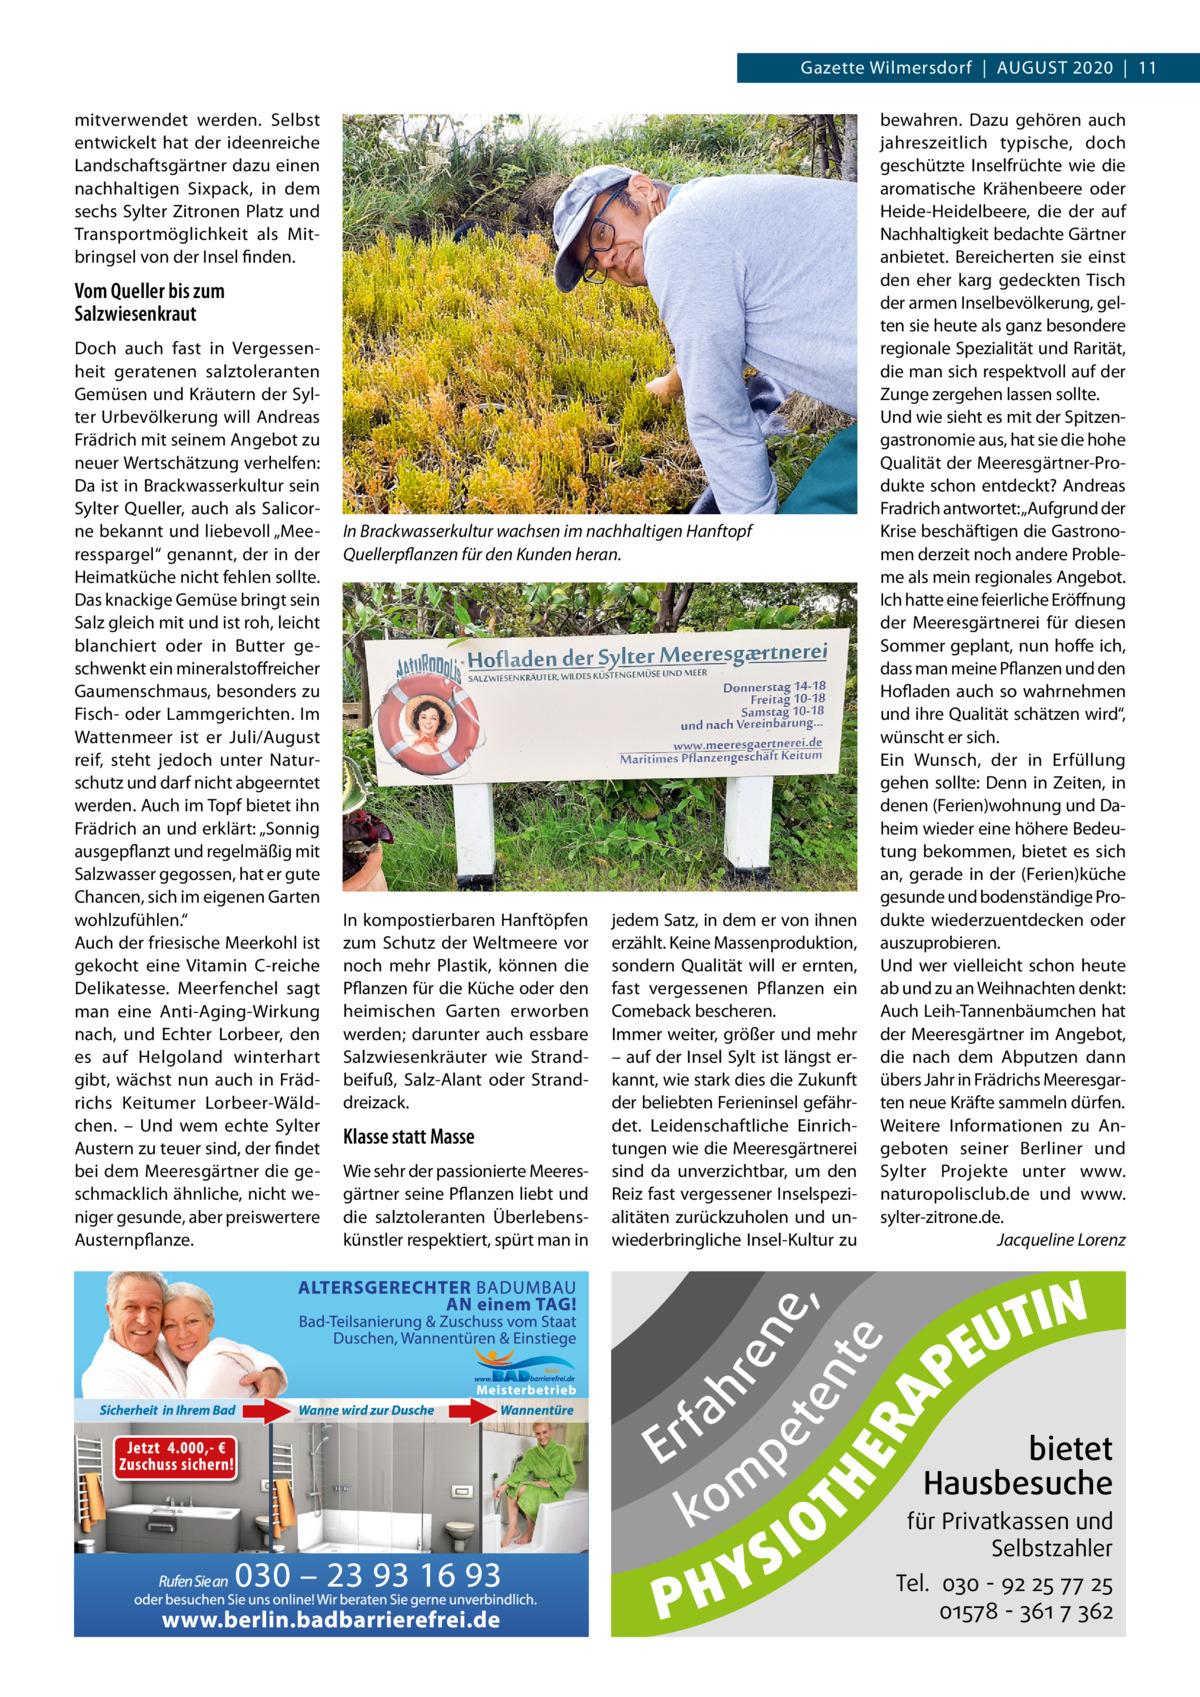 """Gazette Wilmersdorf AuGust 2020 11 mitverwendet werden. selbst entwickelt hat der ideenreiche Landschaftsgärtner dazu einen nachhaltigen sixpack, in dem sechs sylter Zitronen Platz und transportmöglichkeit als Mitbringsel von der Insel finden.  Vom Queller bis zum Salzwiesenkraut  In Brackwasserkultur wachsen im nachhaltigen Hanftopf Quellerpflanzen für den Kunden heran.  Wie sehr der passionierte Meeresgärtner seine Pflanzen liebt und die salztoleranten Überlebenskünstler respektiert, spürt man in  fa r E p m ko  S Y PH  IO  RA  Klasse statt Masse  jedem satz, in dem er von ihnen erzählt. Keine Massenproduktion, sondern Qualität will er ernten, fast vergessenen Pflanzen ein Comeback bescheren. Immer weiter, größer und mehr – auf der Insel sylt ist längst erkannt, wie stark dies die Zukunft der beliebten Ferieninsel gefährdet. Leidenschaftliche Einrichtungen wie die Meeresgärtnerei sind da unverzichtbar, um den Reiz fast vergessener Inselspezialitäten zurückzuholen und unwiederbringliche Insel-Kultur zu  en e, et T H ent e E  In kompostierbaren Hanftöpfen zum schutz der Weltmeere vor noch mehr Plastik, können die Pflanzen für die Küche oder den heimischen Garten erworben werden; darunter auch essbare salzwiesenkräuter wie strandbeifuß, salz-Alant oder stranddreizack.  hr  Doch auch fast in Vergessenheit geratenen salztoleranten Gemüsen und Kräutern der sylter urbevölkerung will Andreas Frädrich mit seinem Angebot zu neuer Wertschätzung verhelfen: Da ist in Brackwasserkultur sein sylter Queller, auch als salicorne bekannt und liebevoll """"Meeresspargel"""" genannt, der in der Heimatküche nicht fehlen sollte. Das knackige Gemüse bringt sein salz gleich mit und ist roh, leicht blanchiert oder in Butter geschwenkt ein mineralstoffreicher Gaumenschmaus, besonders zu Fisch- oder Lammgerichten. Im Wattenmeer ist er Juli/August reif, steht jedoch unter Naturschutz und darf nicht abgeerntet werden. Auch im topf bietet ihn Frädrich an und erklärt: """"sonnig ausgepflanzt und regelmäß"""